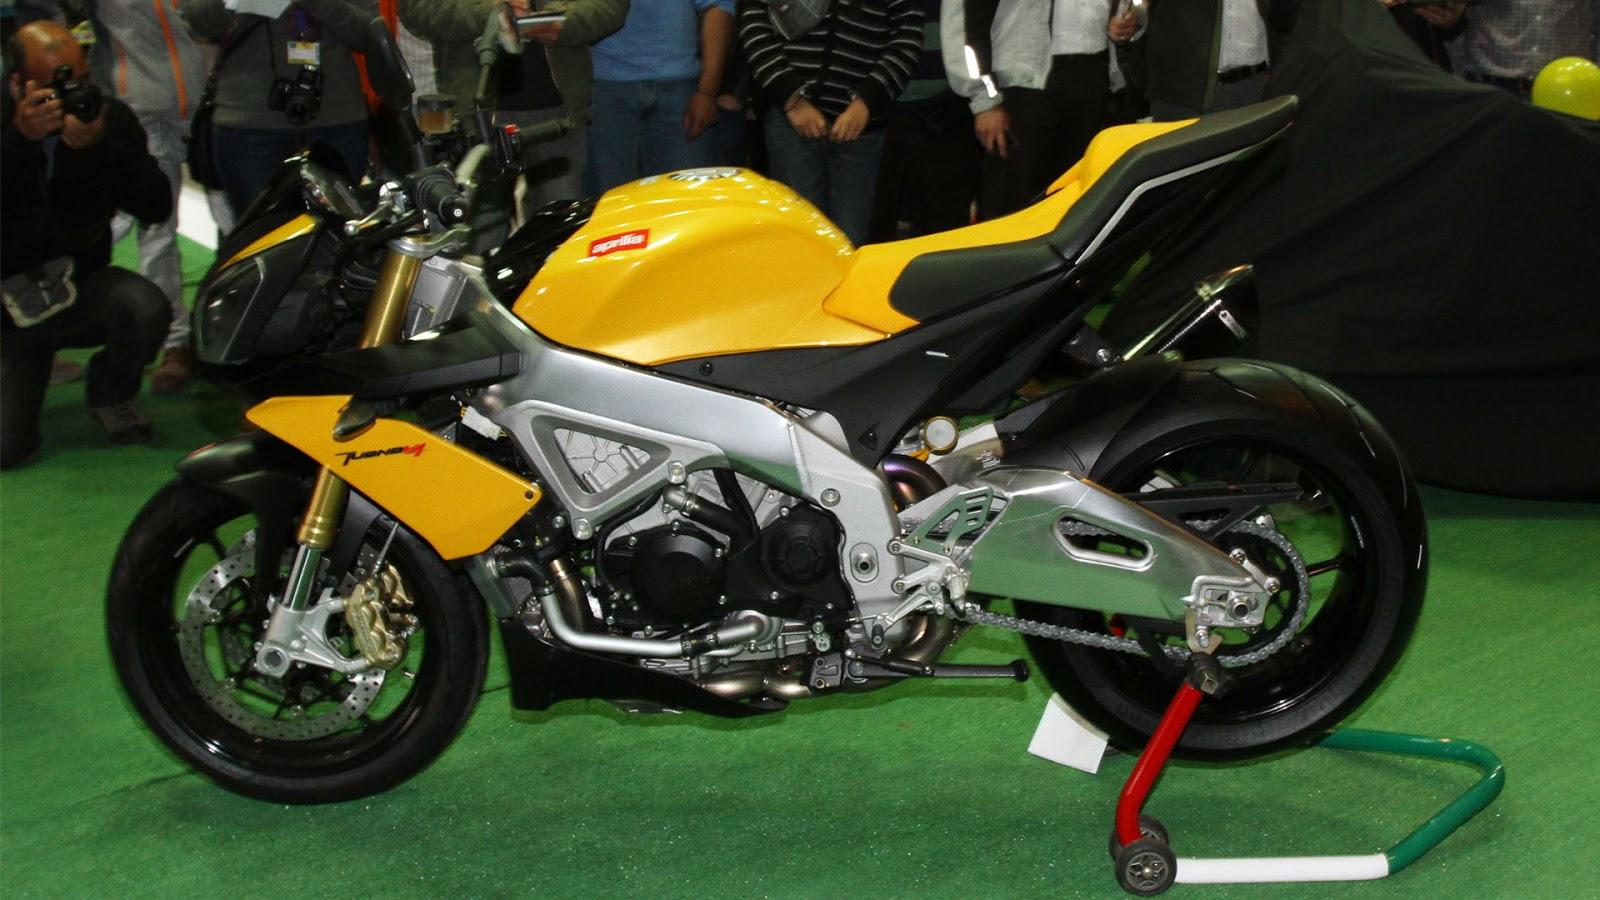 http://3.bp.blogspot.com/-TDLRTPE59nY/UP6PttTeX6I/AAAAAAAAe5w/TH4_sypBVyg/s1600/Aprilia+Tuono+v4+HD+Bikes.jpg